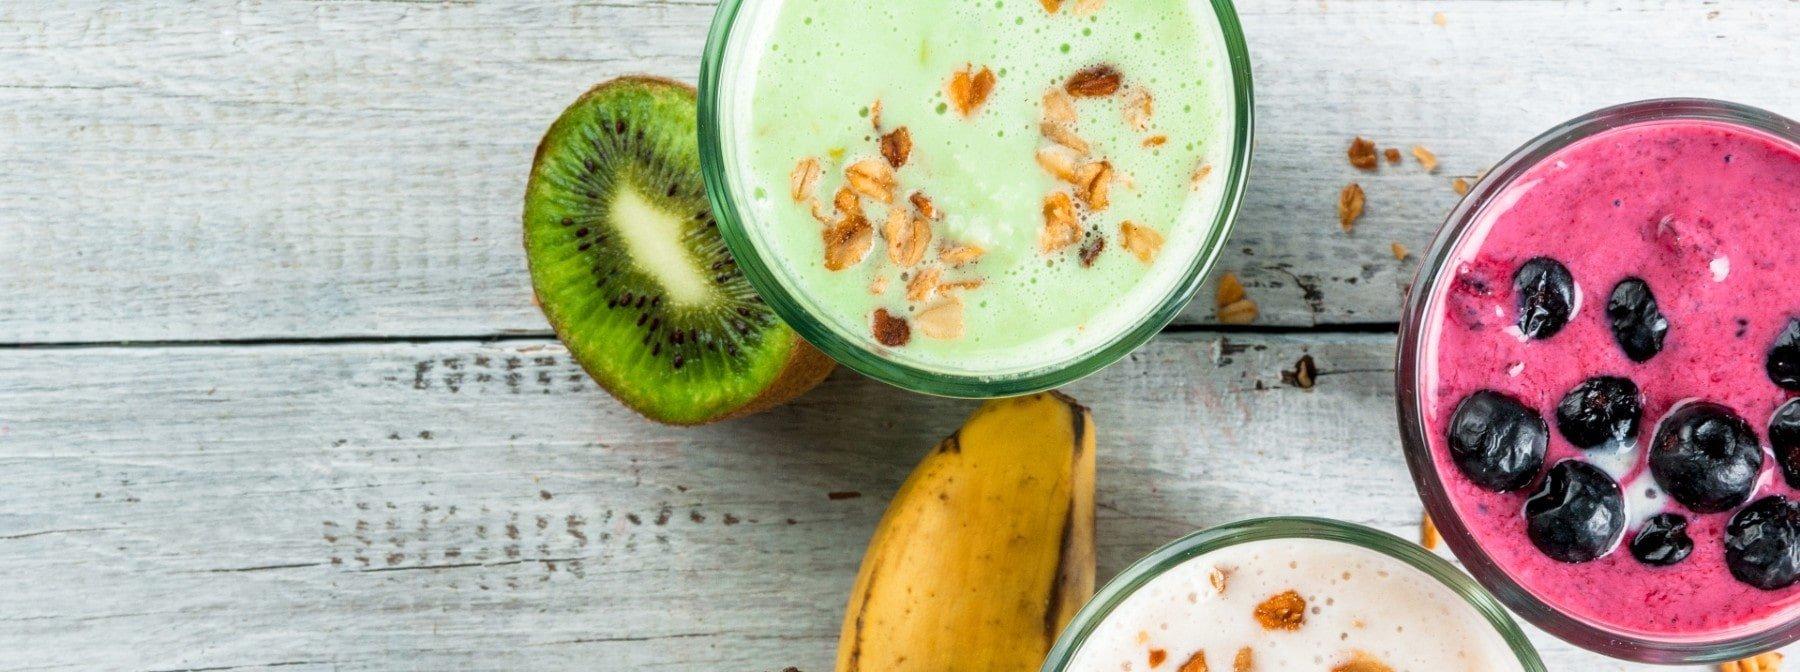 Os 6 Melhores Pós de Proteína Vegana